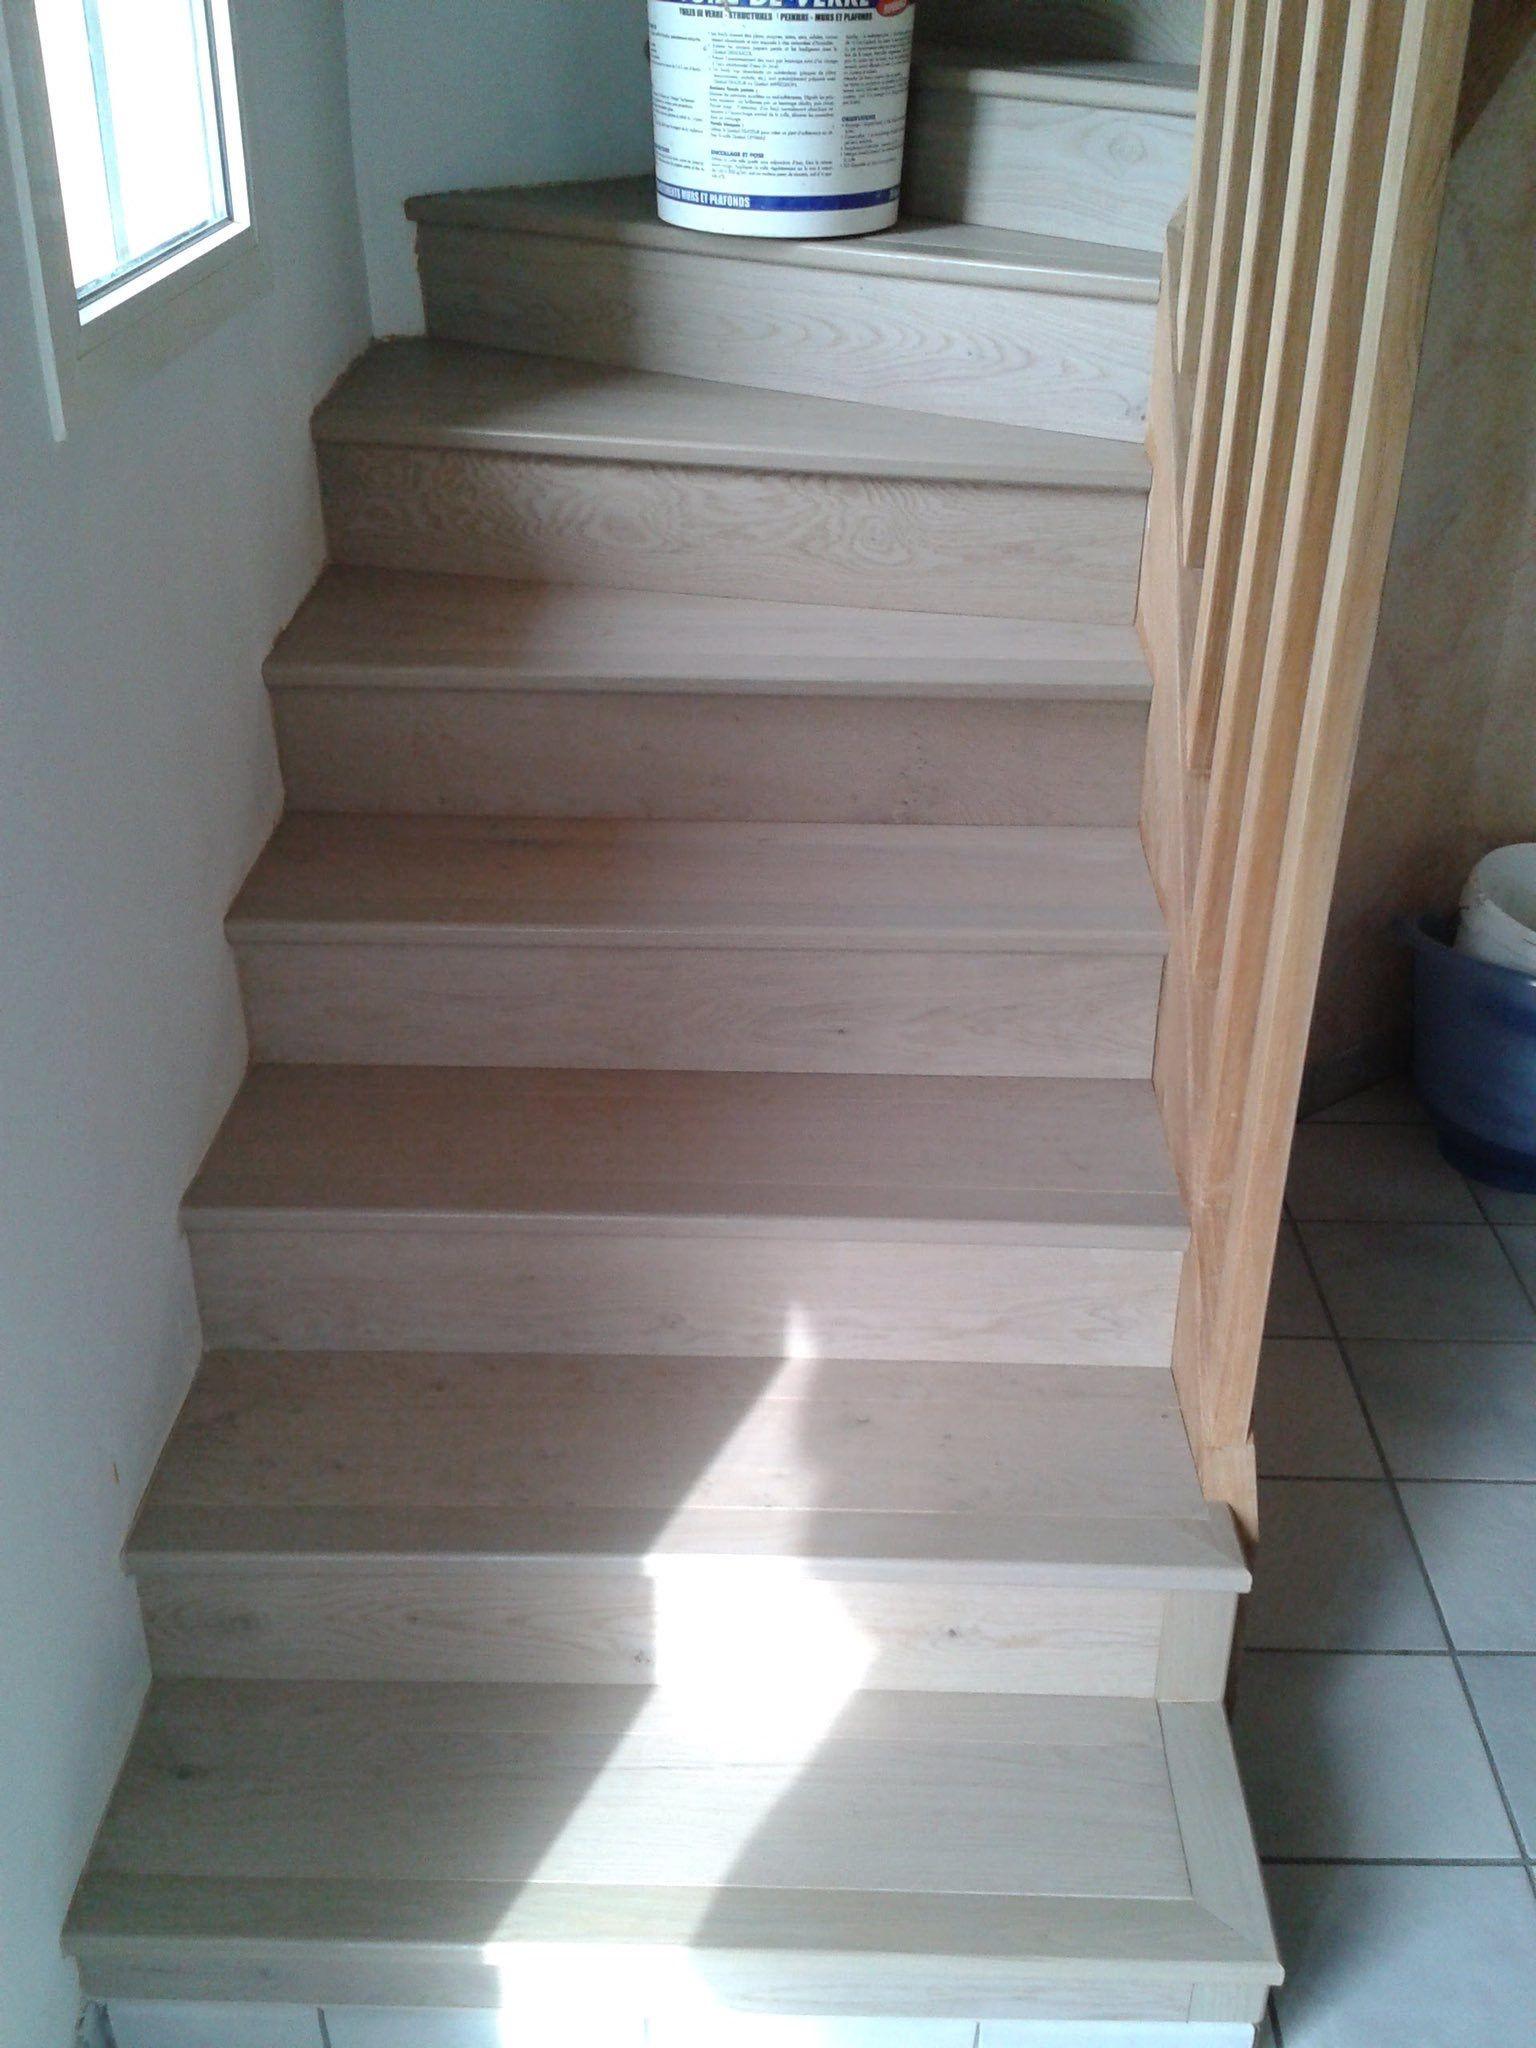 Donnez Un Un Coup De Jeune En Habillant Votre Escalier Avec Un Parquet Contrecolle Cabbani Elite 10 Nez De Marche Parquet Contrecolle Habillage Marche Escalier